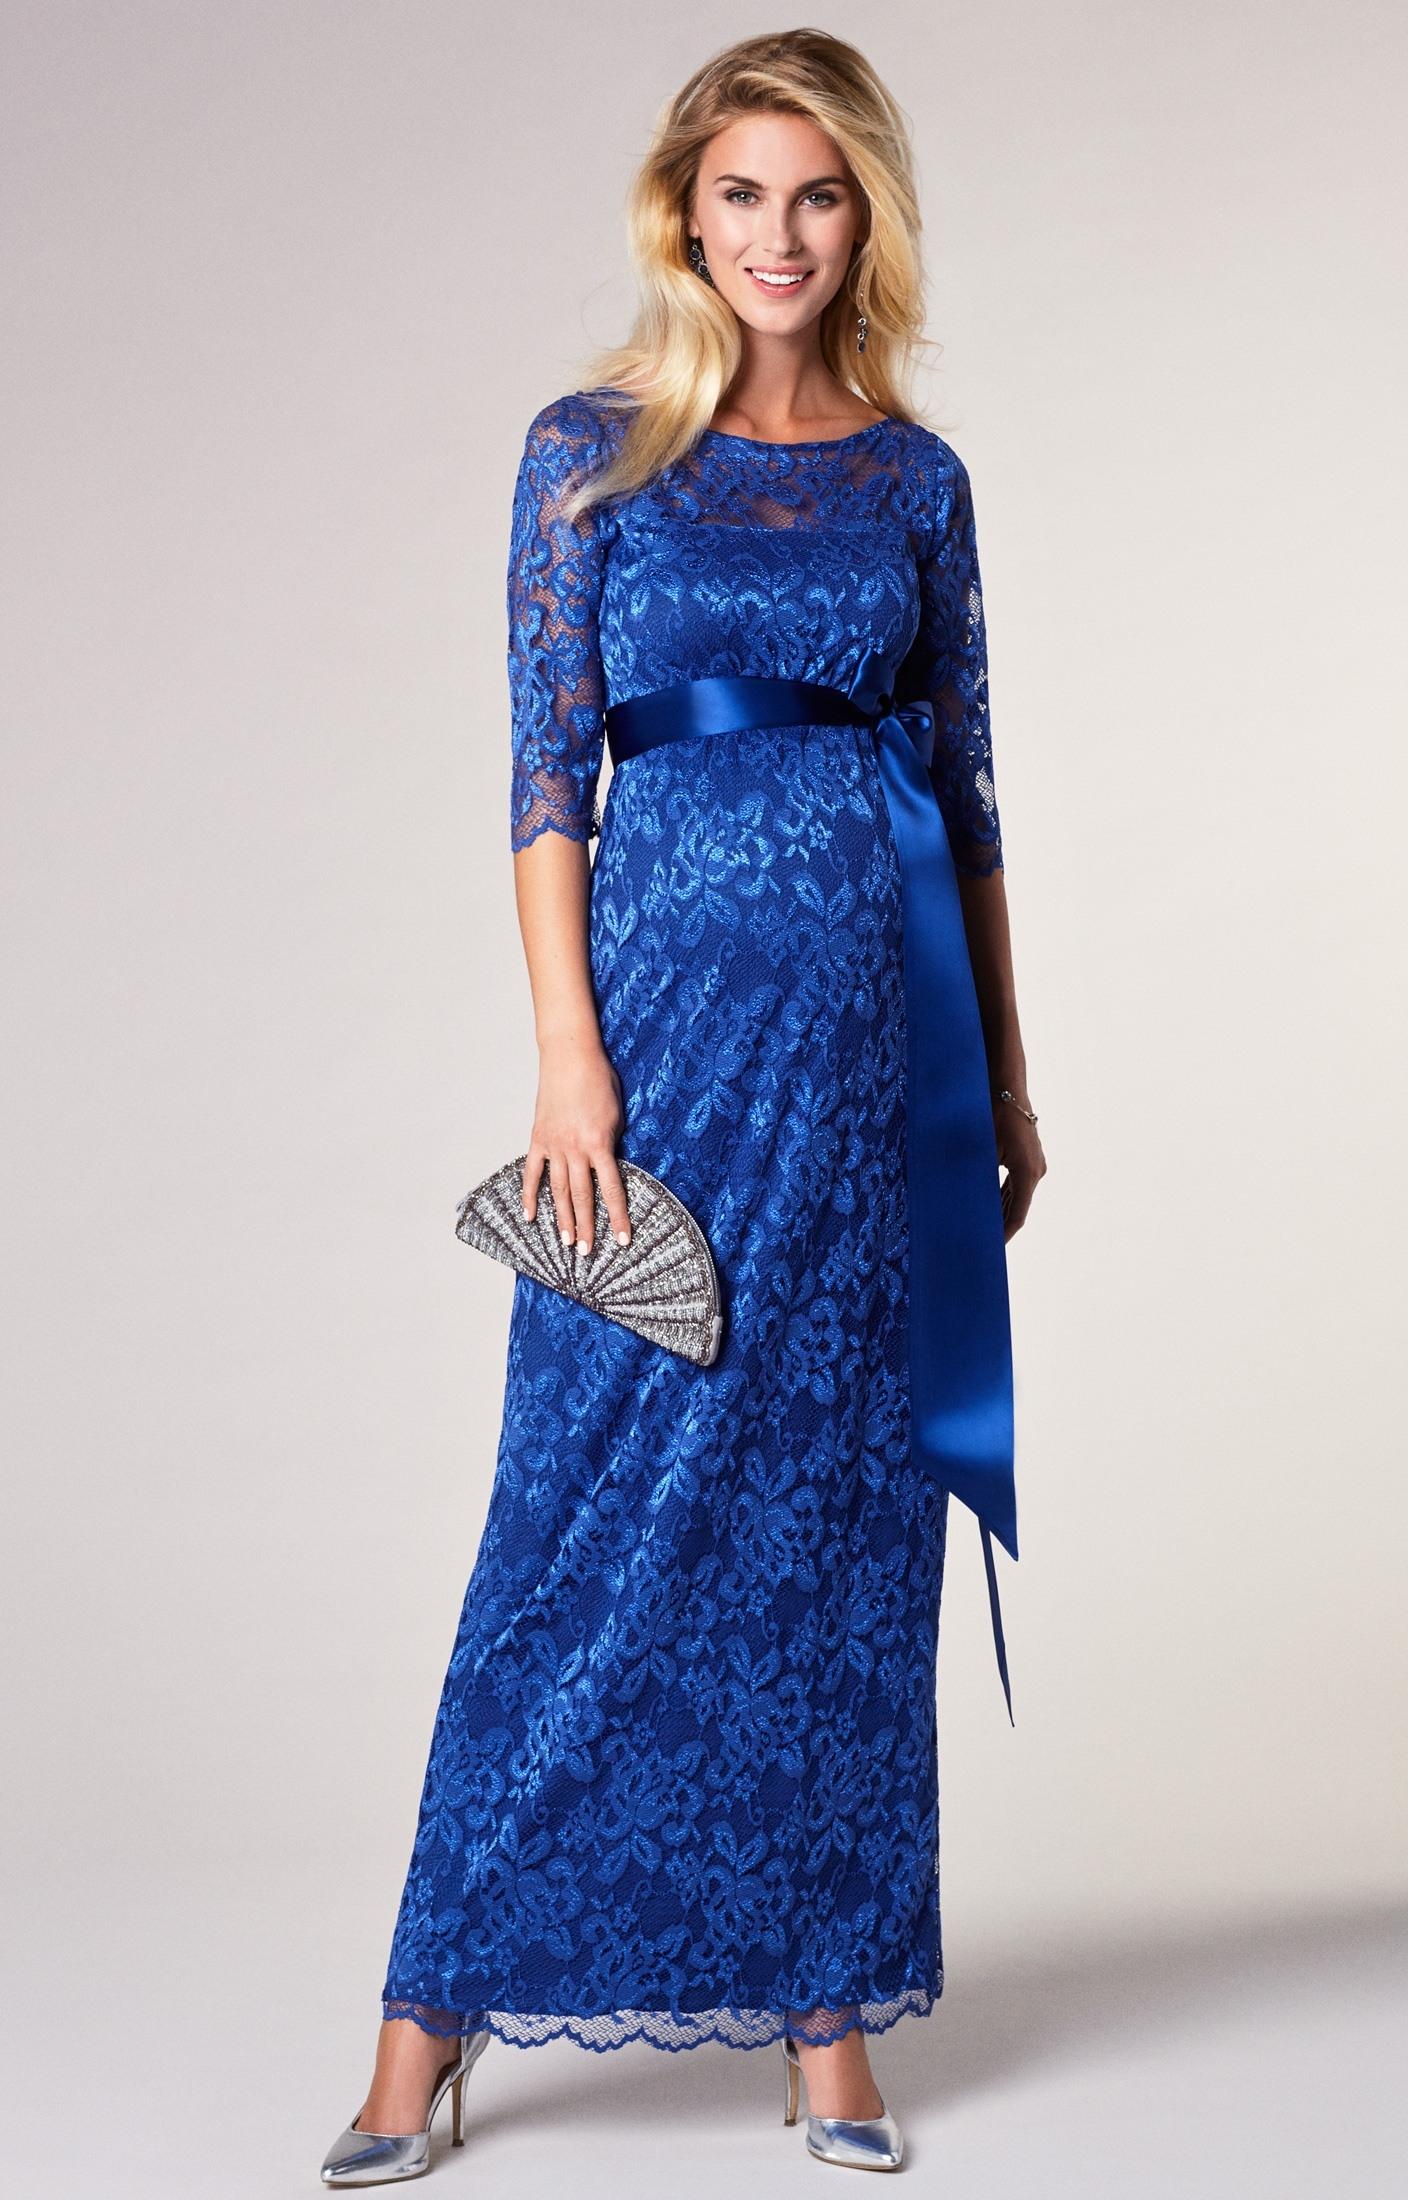 Abend Cool Spitzenkleid Lang DesignDesigner Luxus Spitzenkleid Lang Boutique